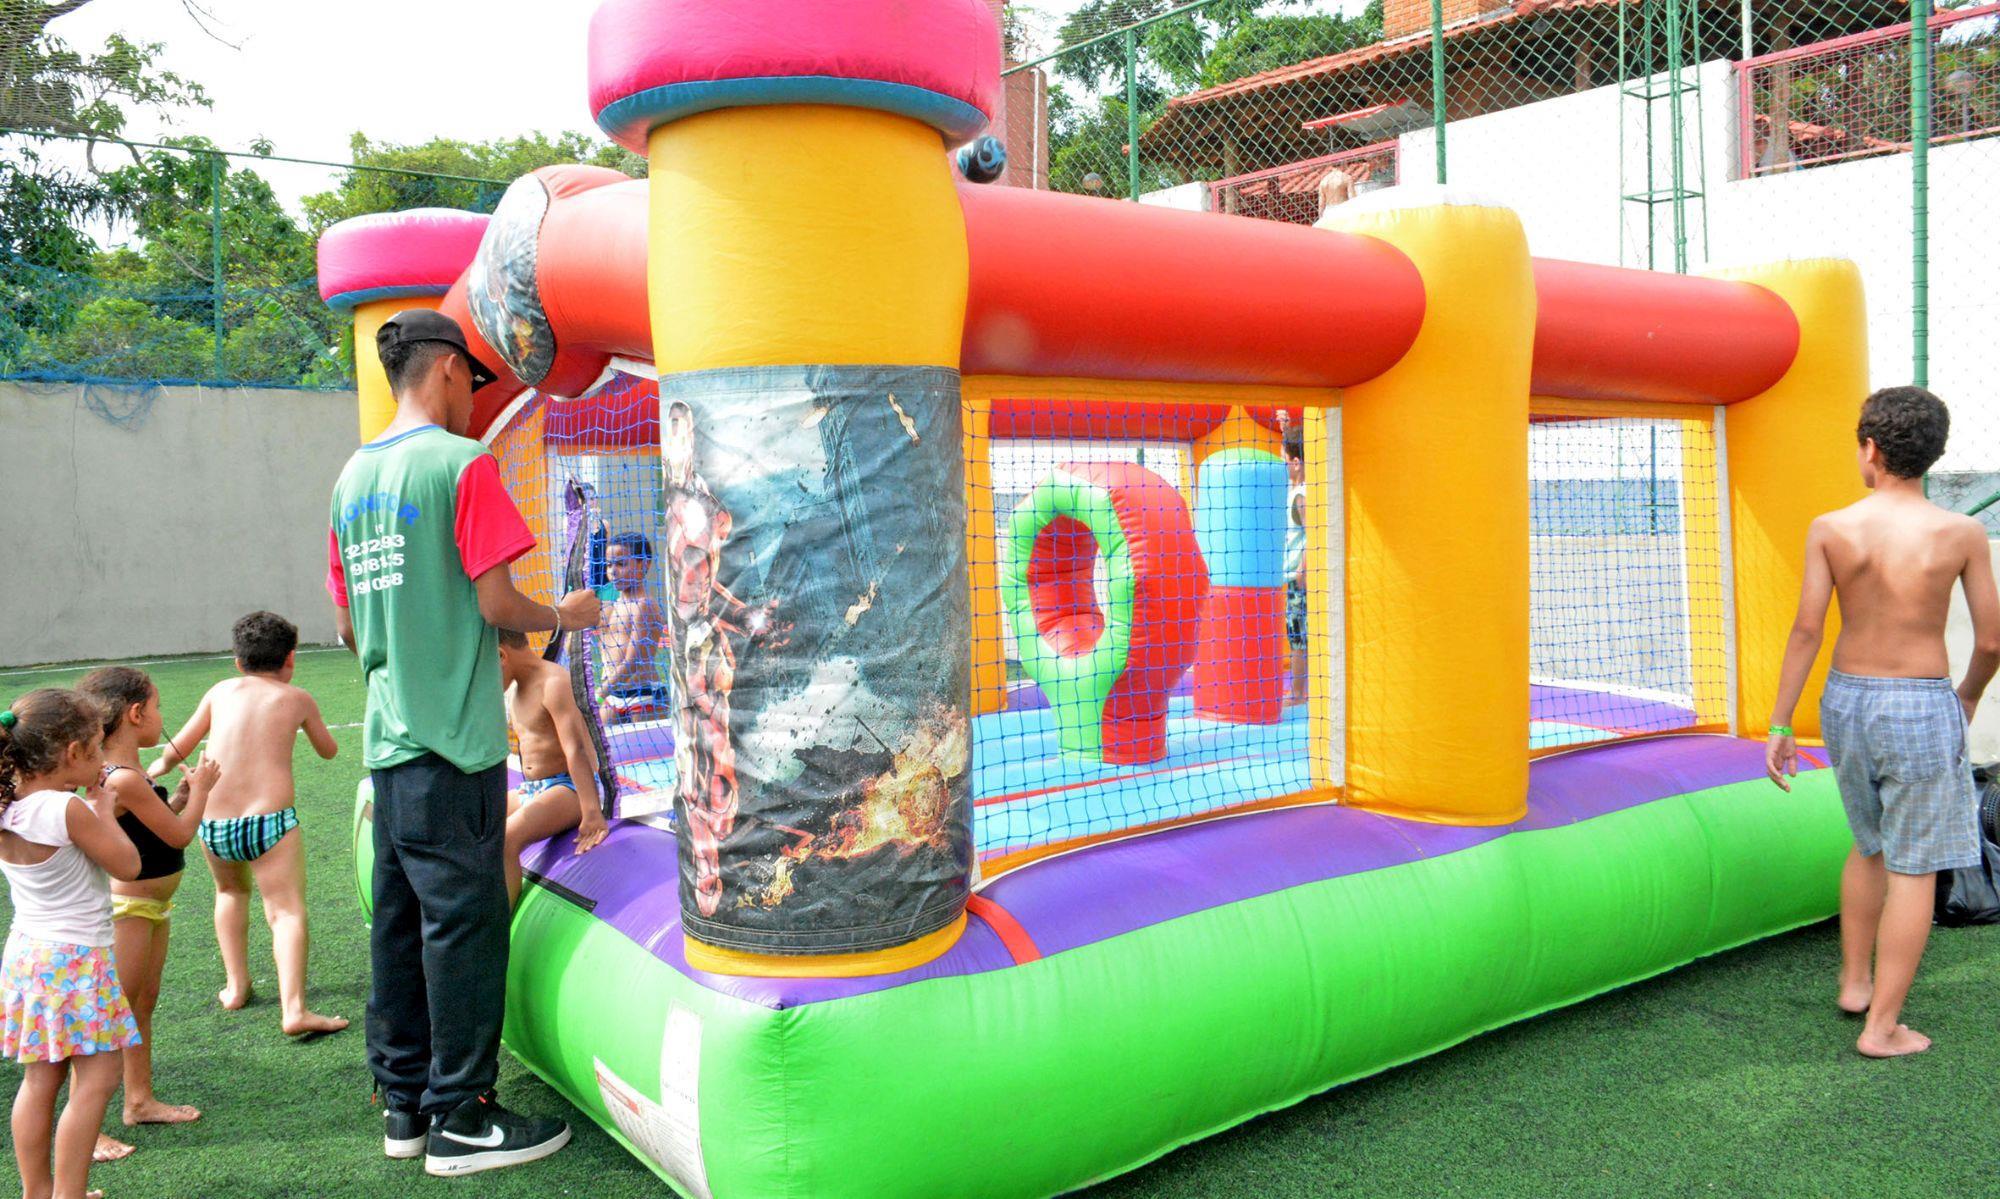 brinquedo, inflável, clube, campo, criança,, Foguinho/Arquivo Imprensa SMetal